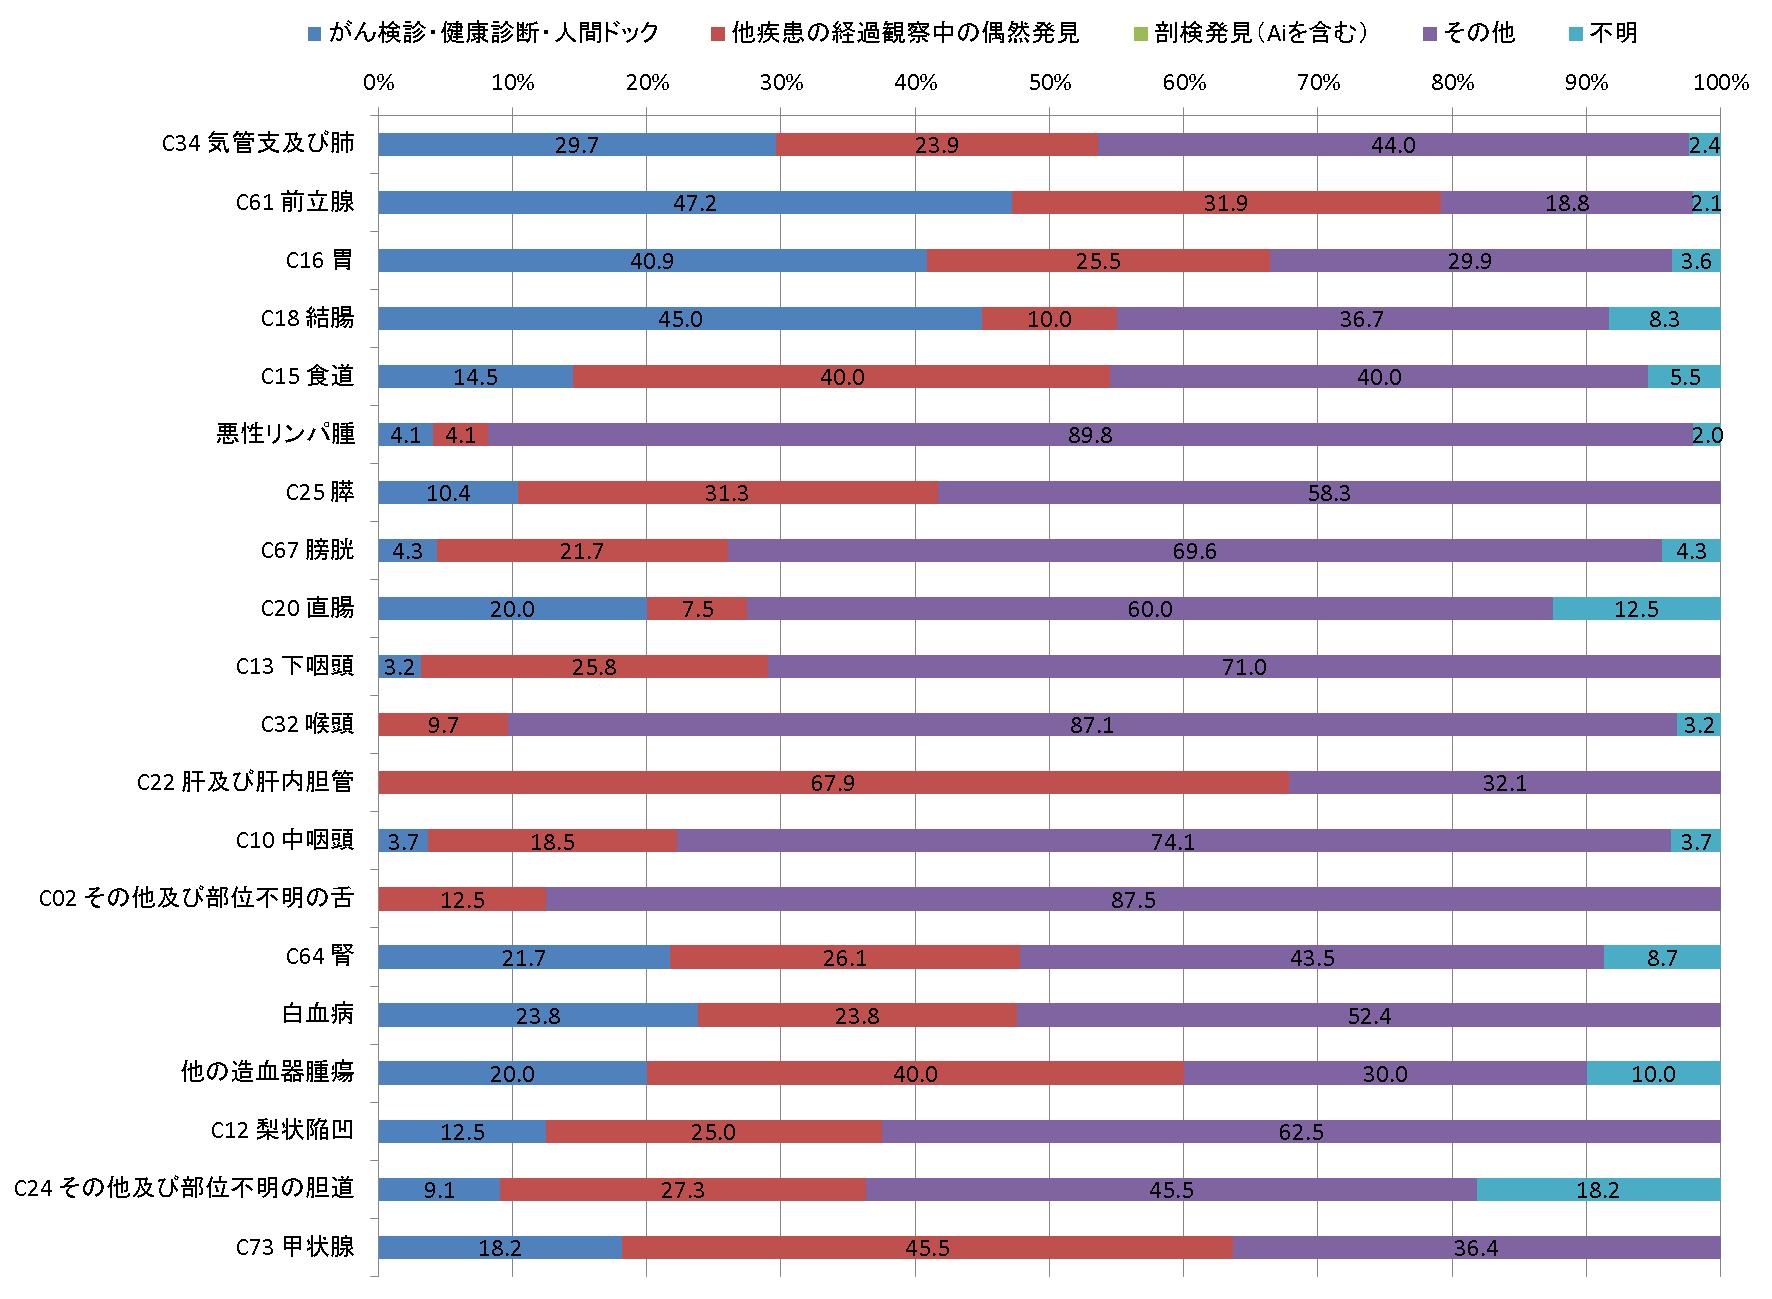 図5-2 発見経緯別登録数(男、登録数2桁以上のみ)